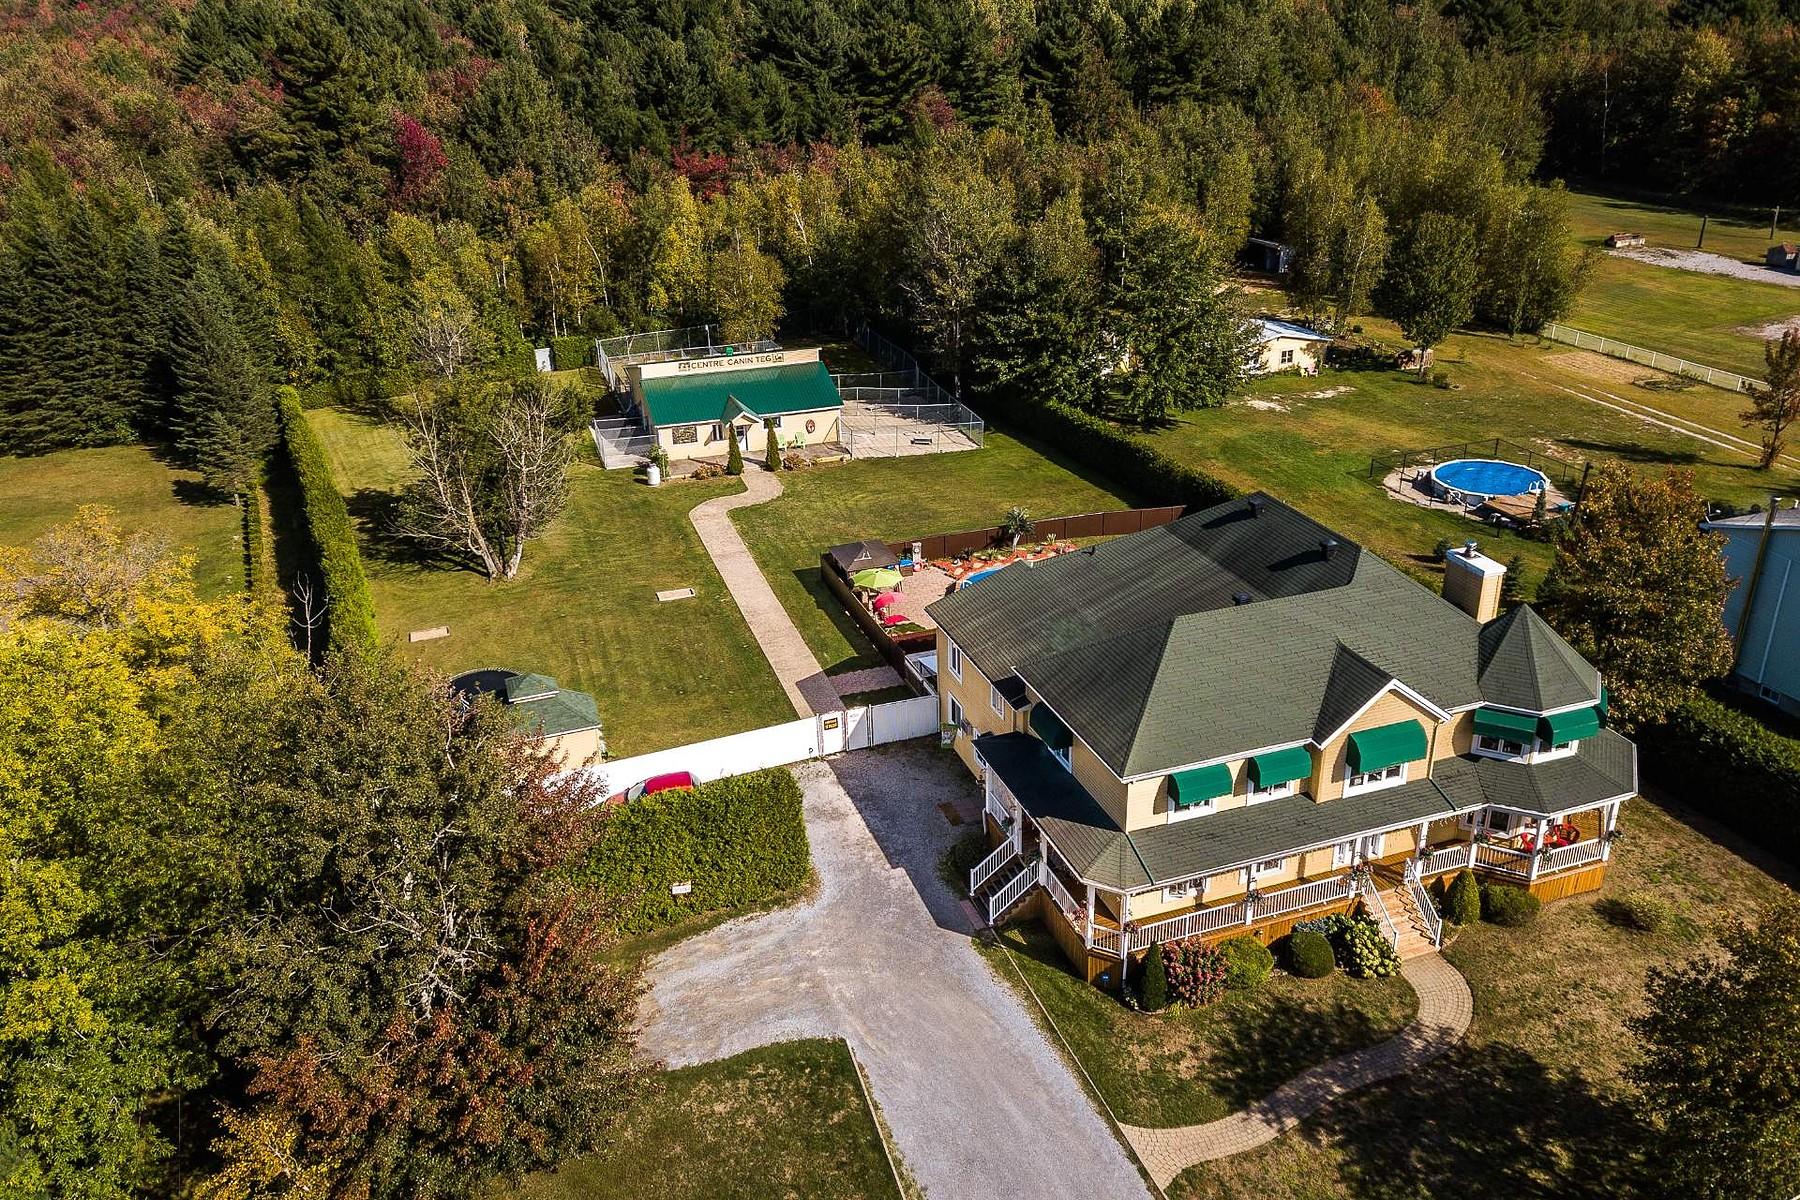 Multi-Family Homes for Sale at Acton Vale, Montérégie 268 Route 139 Acton Vale, Quebec J0H1A0 Canada